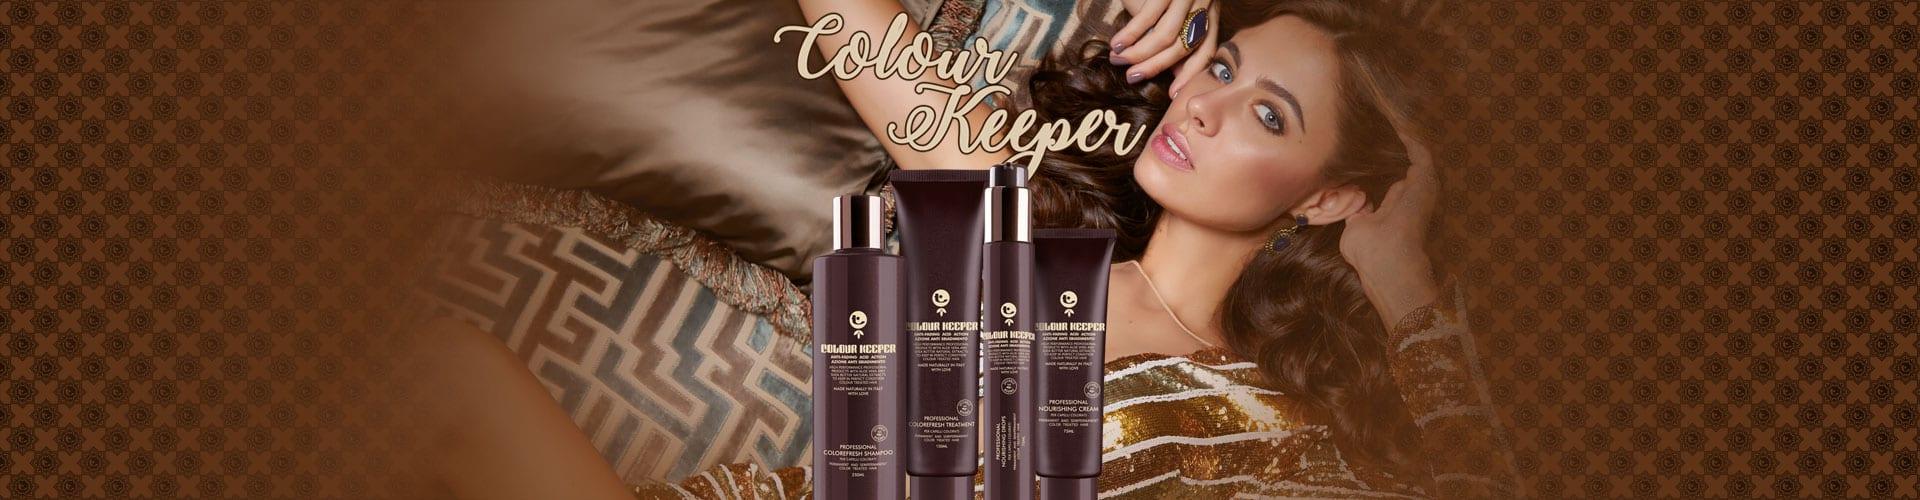 colour keeper di Tecna per mantenere il colore dei capelli